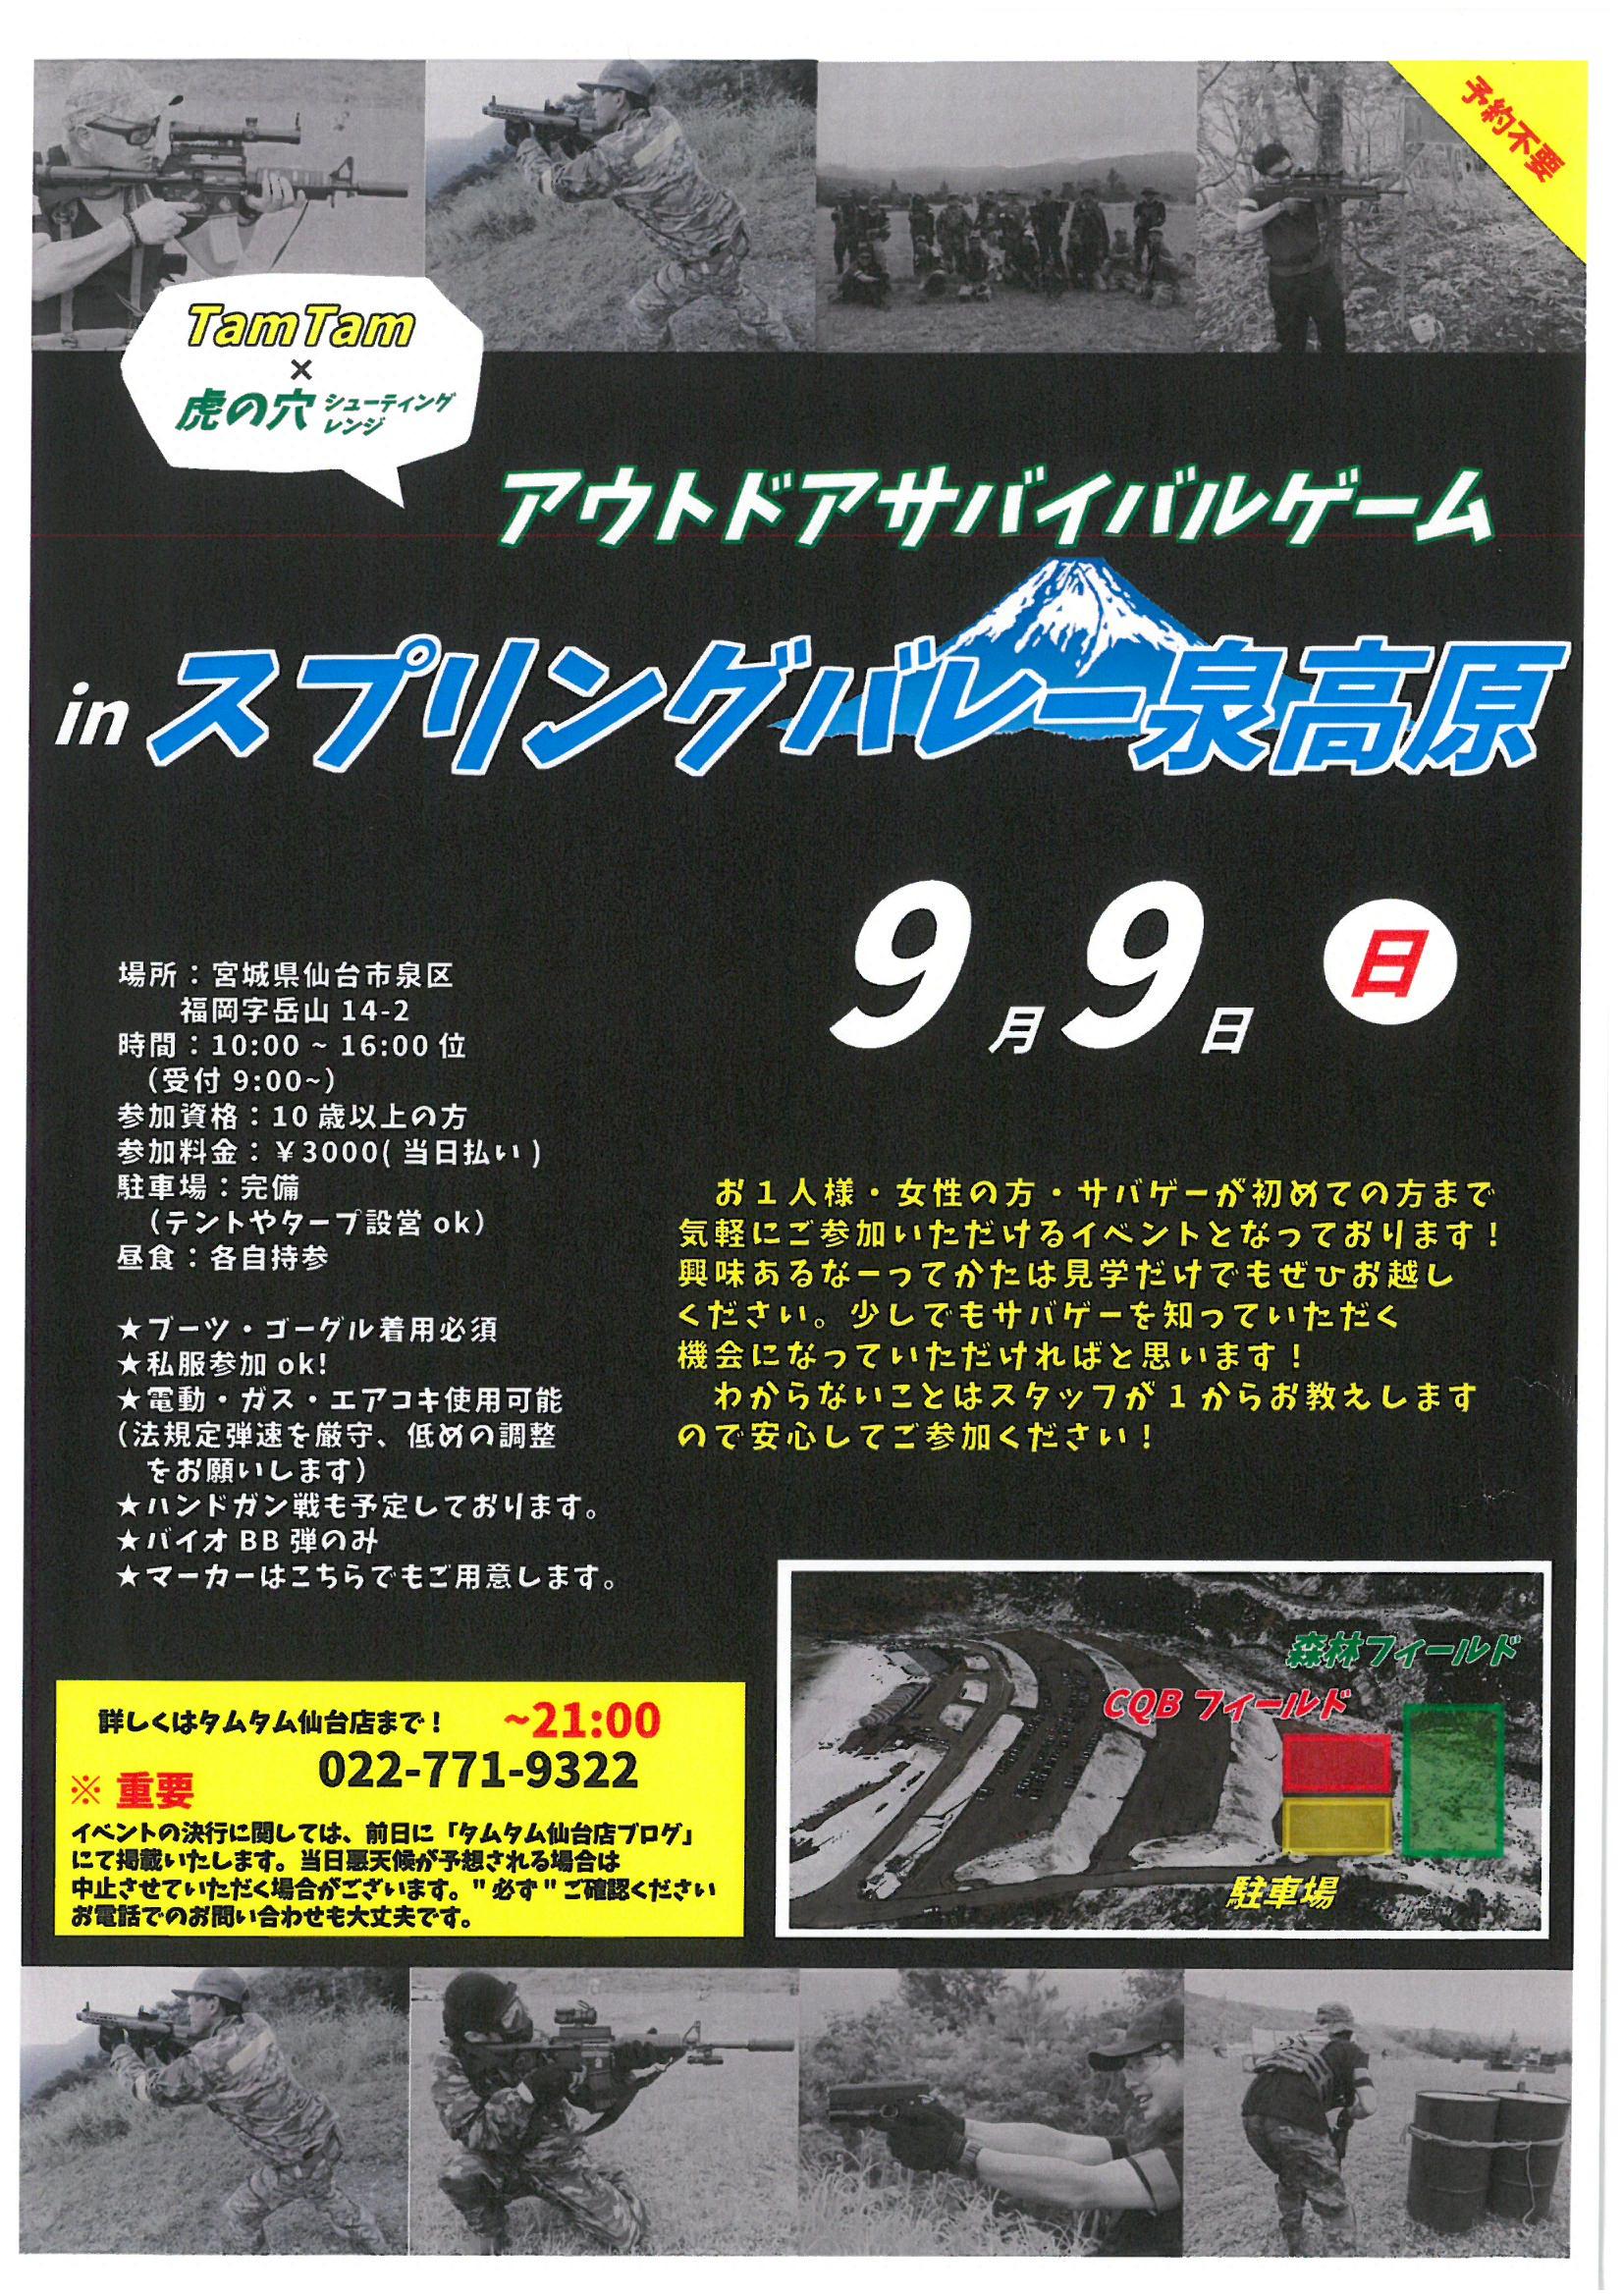 タム・タム仙台×虎の穴inスプリングバレー泉高原